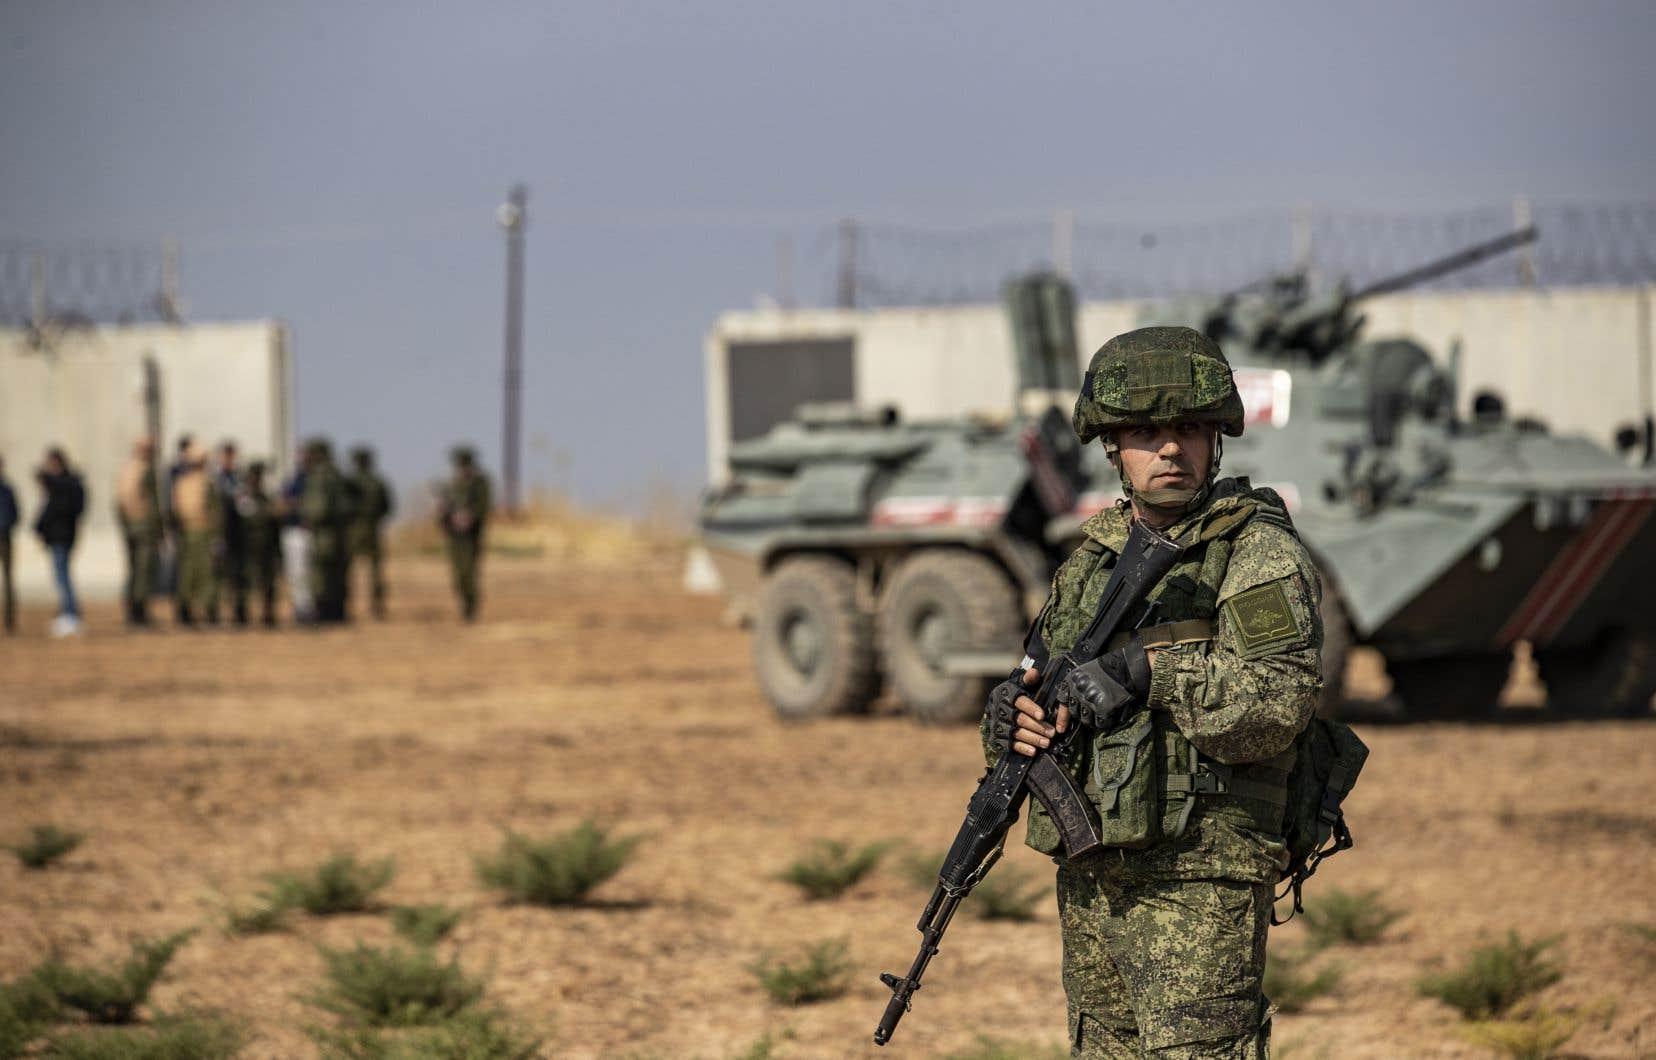 Les soldats, à bord d'une dizaine de véhicules militaires turcs et russes, ont commencé à patrouiller une bande de territoire longue de plusieurs dizaines de kilomètres à la frontière.